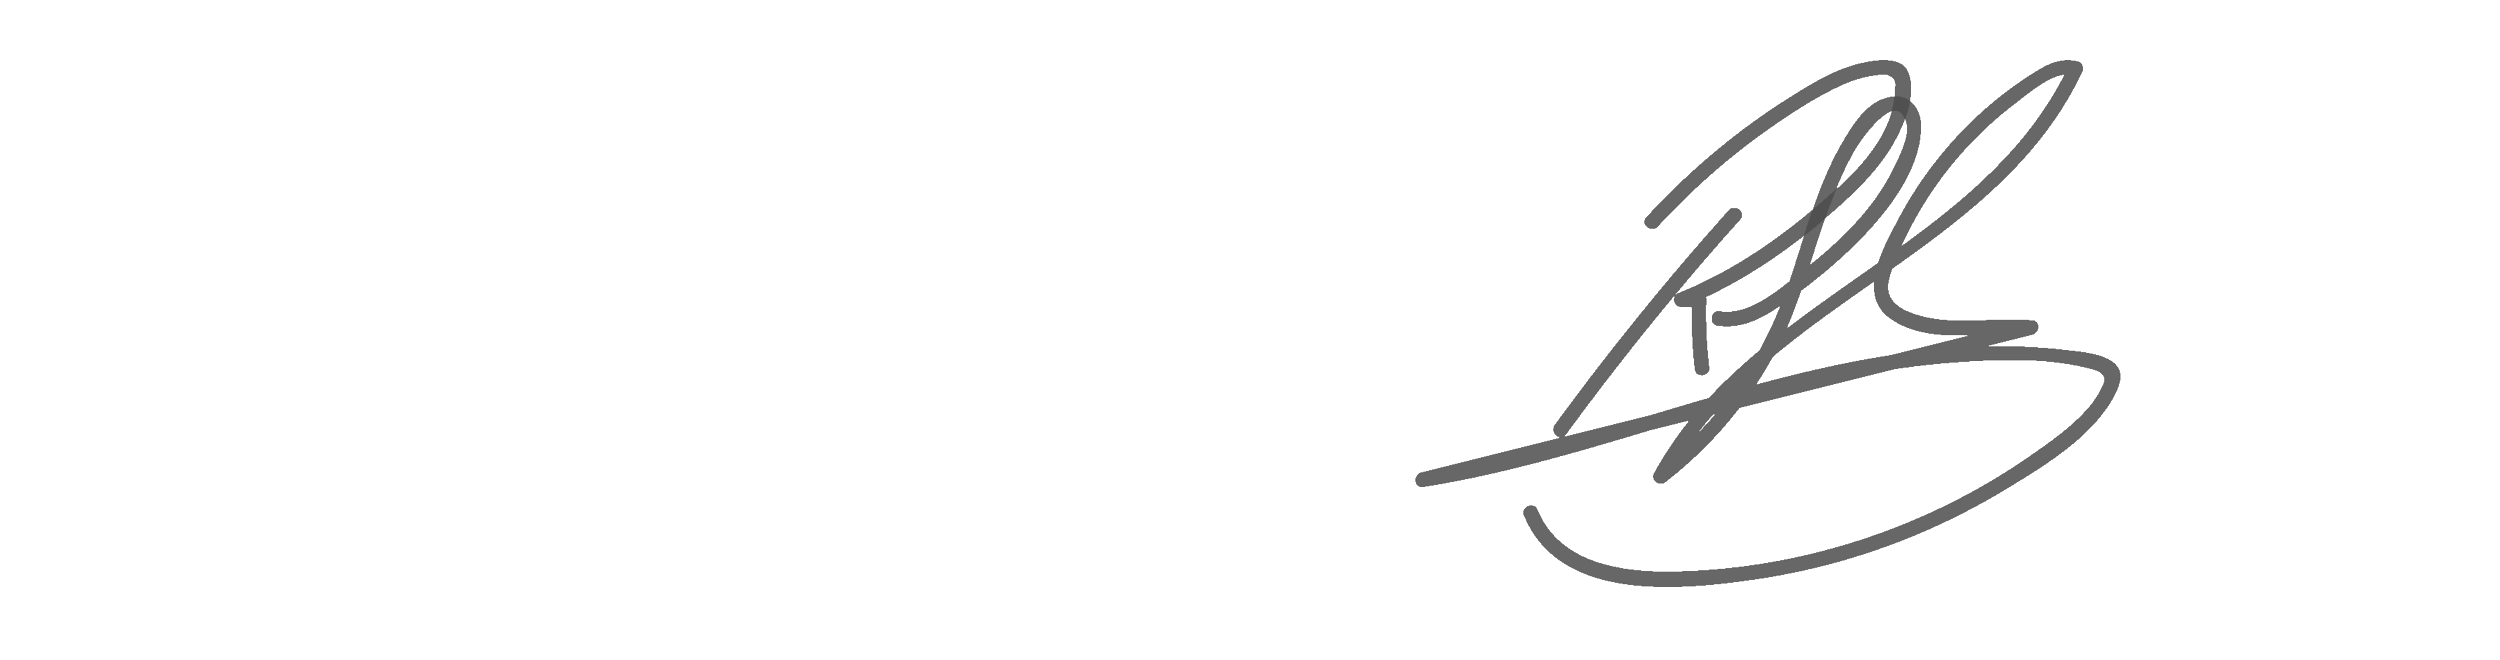 ra sig-01.png